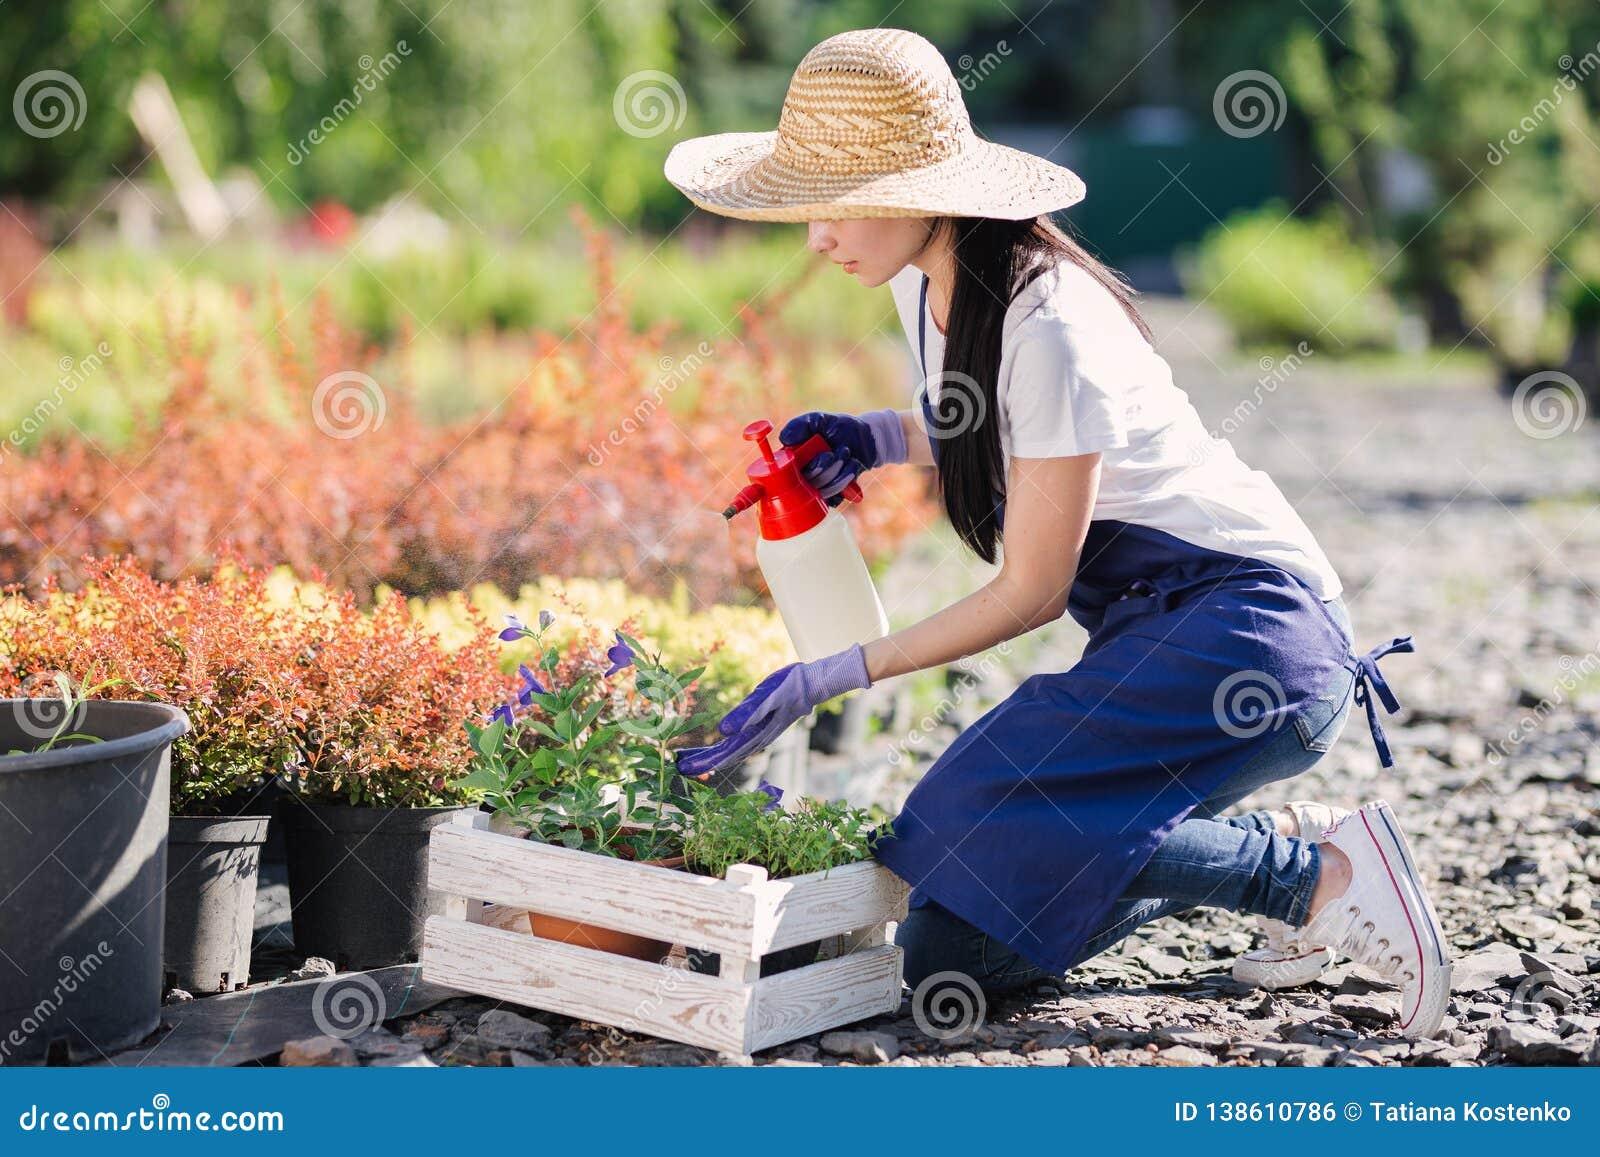 Trädgårdsmästarekvinnan strilar blommor från en trädgårdsprejare, stänger sig upp fotoet